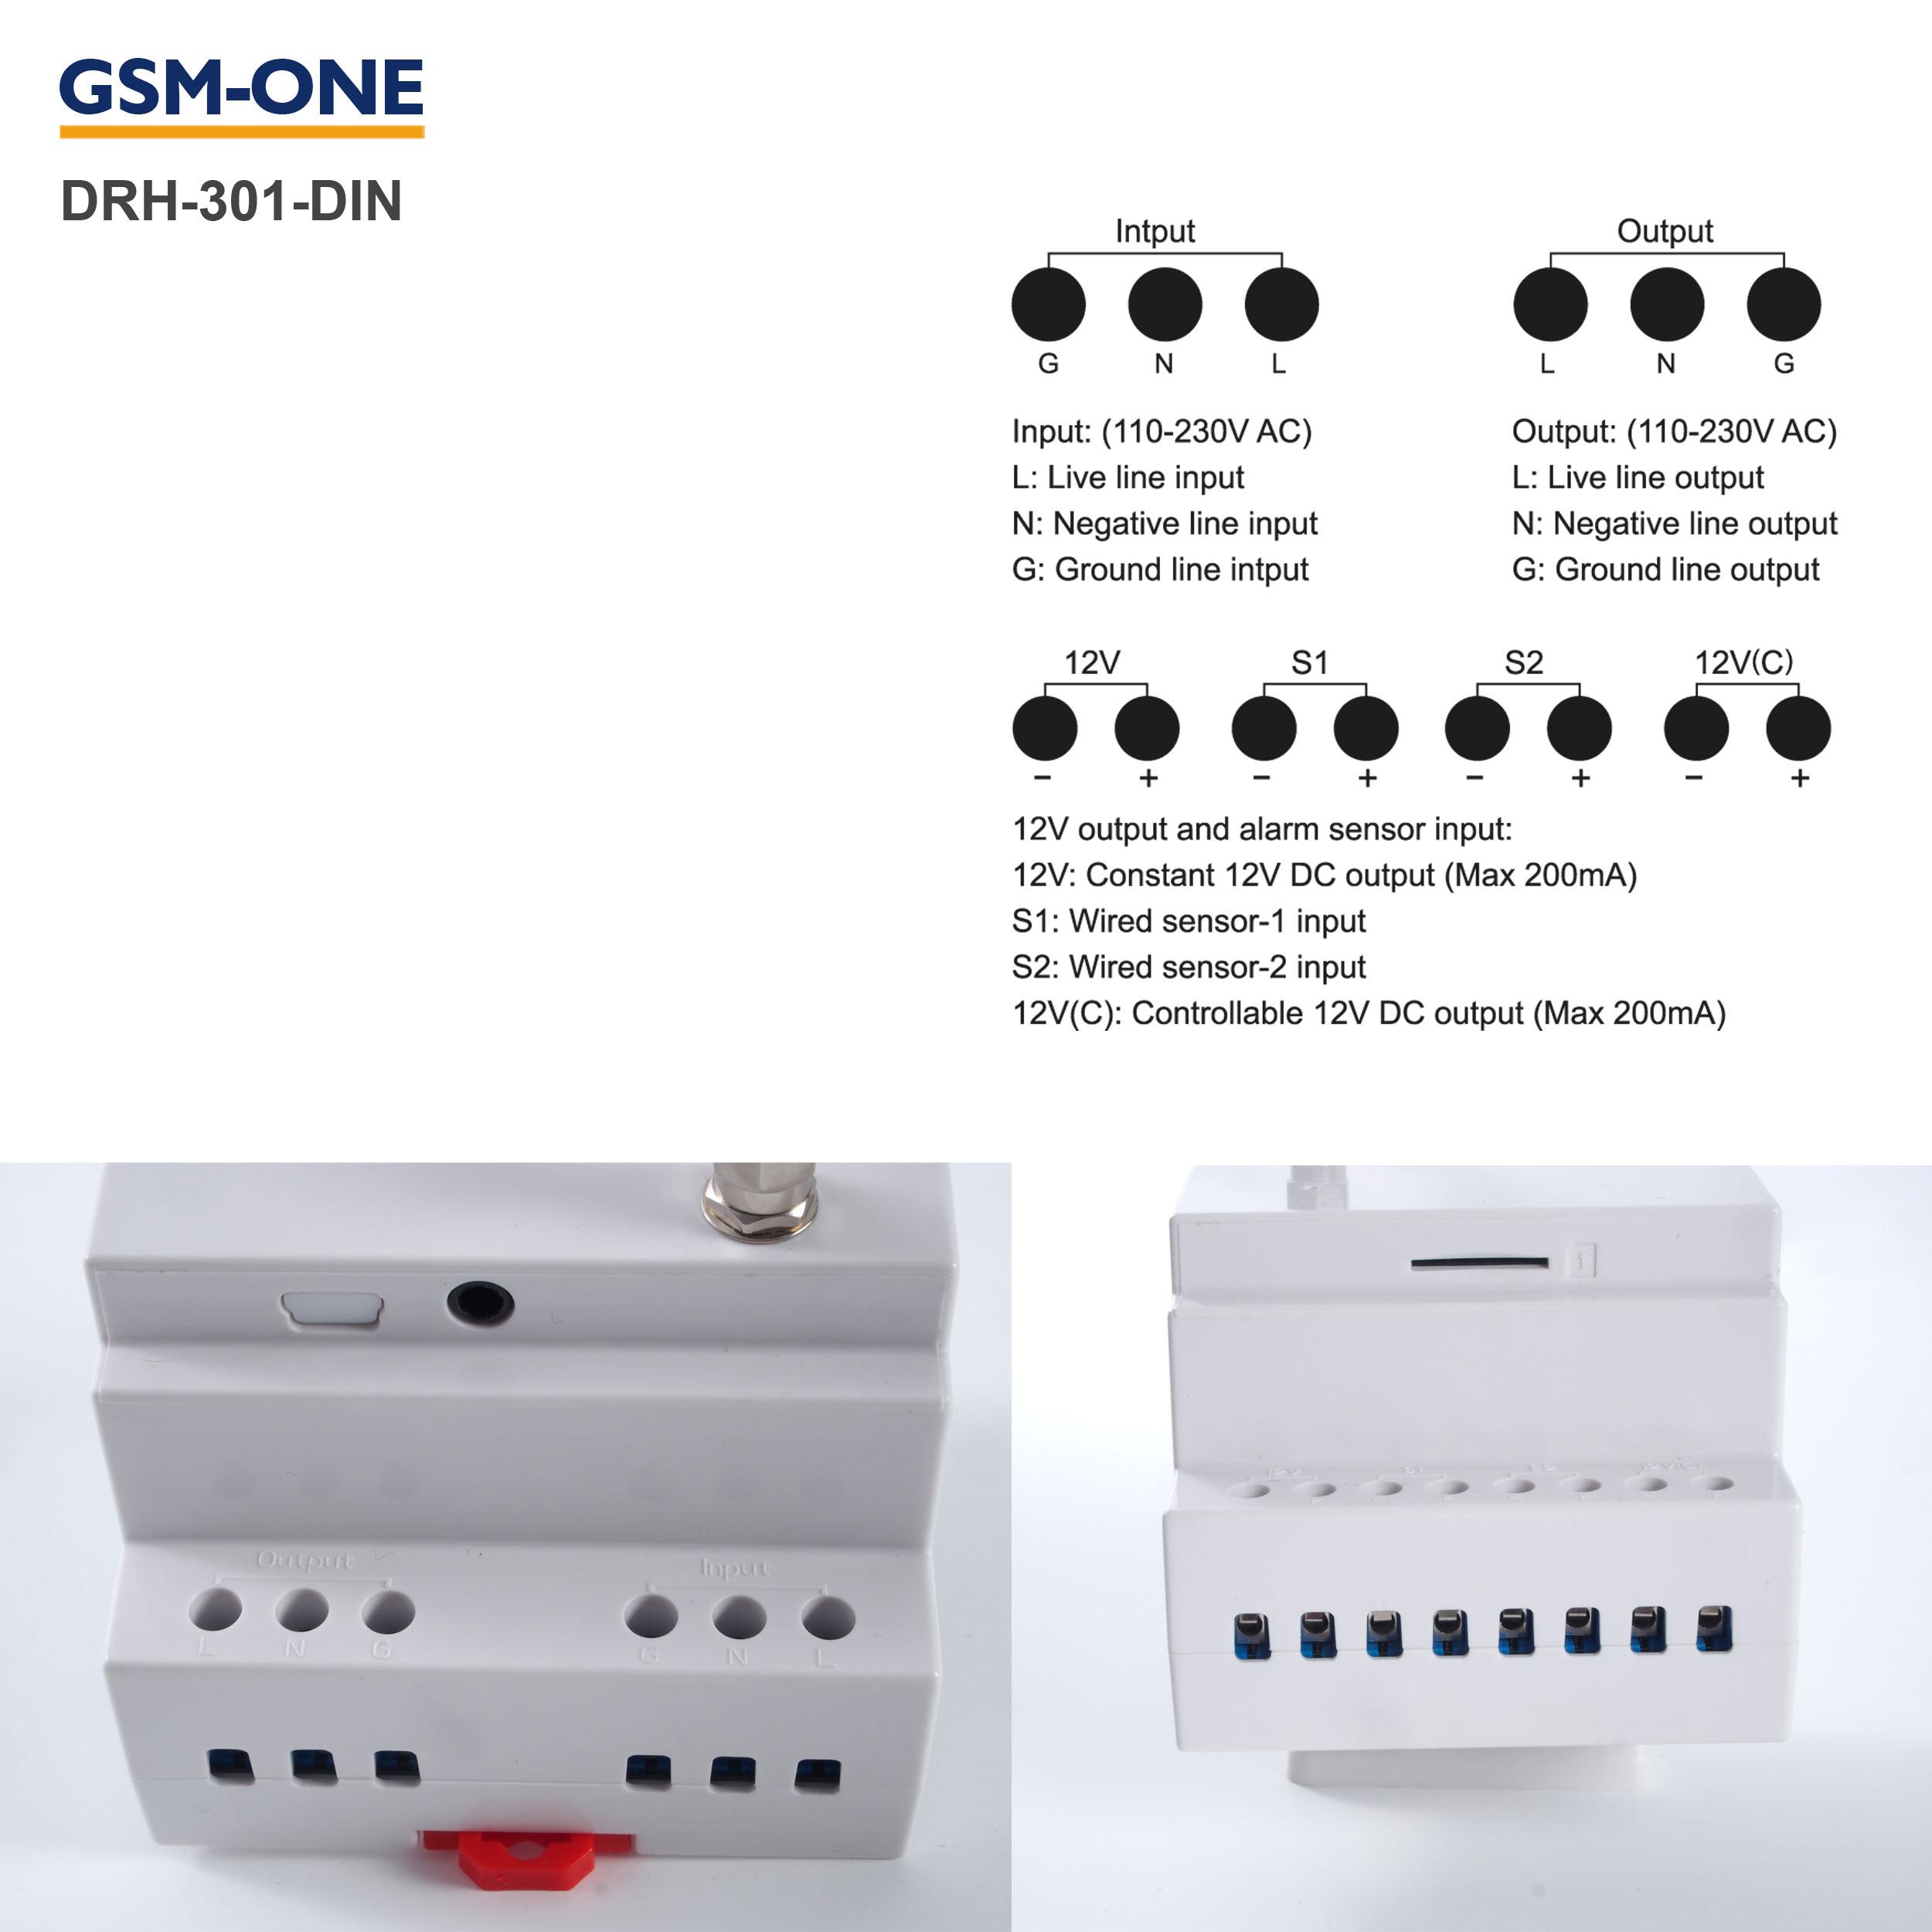 DRH-301-DIN GSM SMS Fernschalter und Temperaturwächter DinRail + Temperaturfühler TS-02